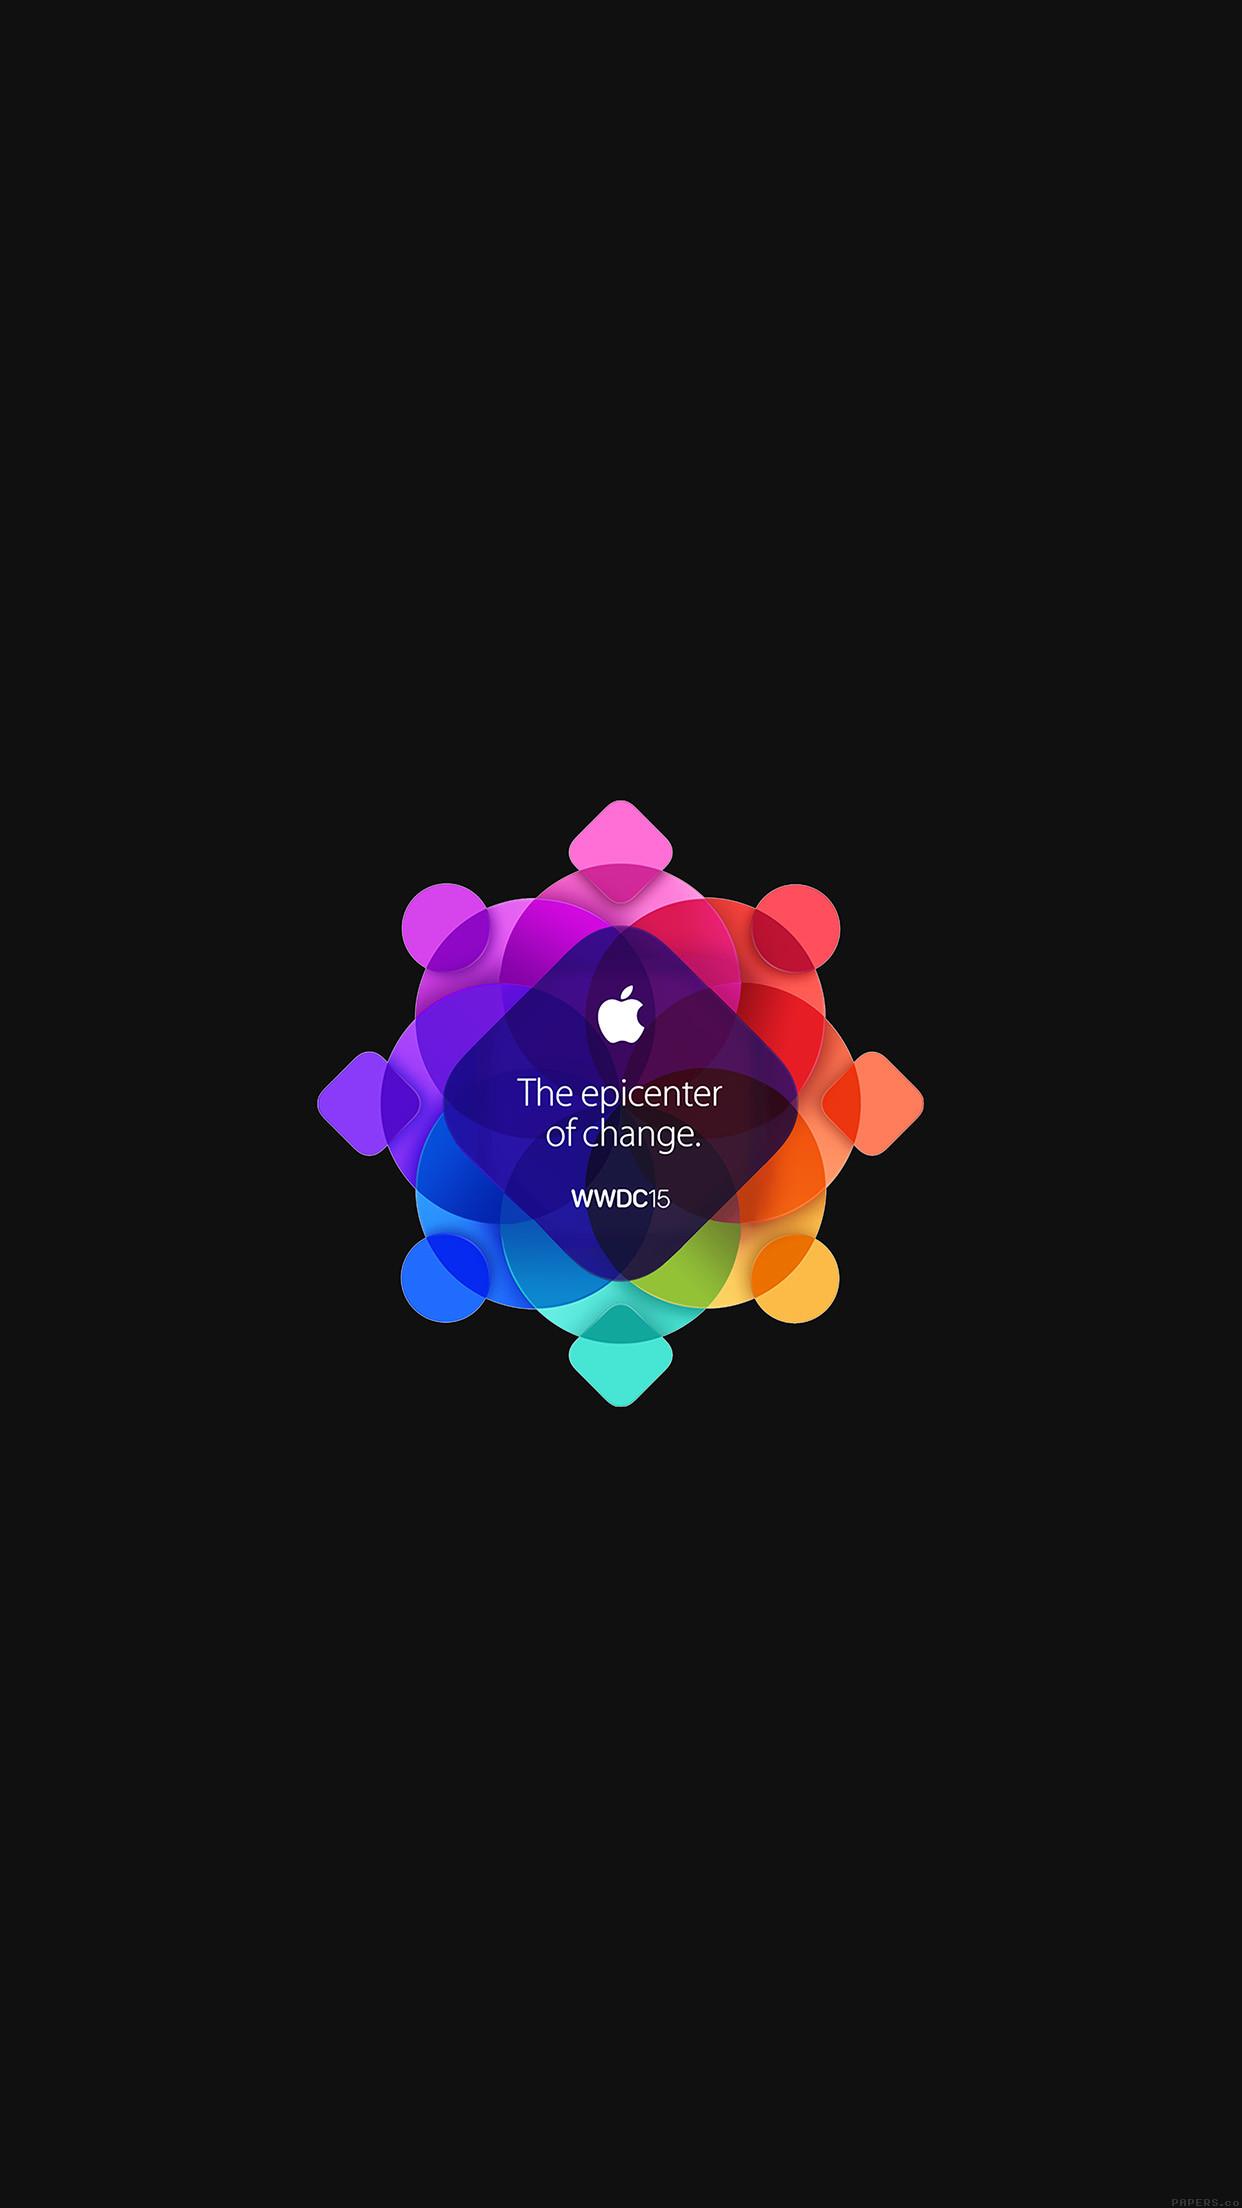 Ovo wallpaper mac apple – maria espinalt i font image